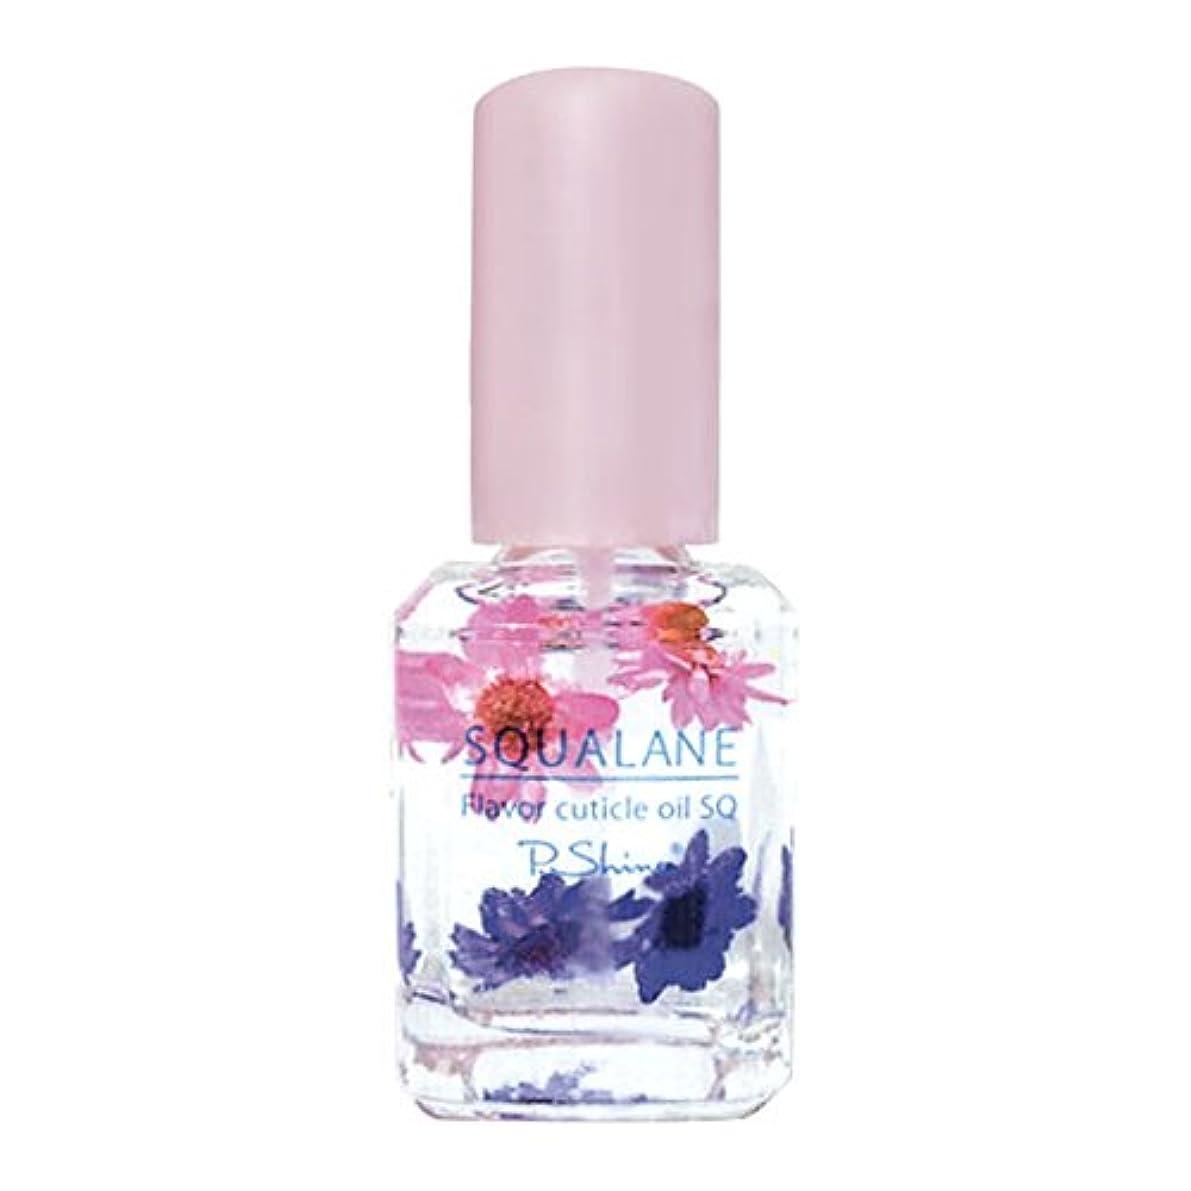 海外製造同等のP. Shine フレーバーオイルSQ フラワーリゾート 南国の花の甘く優しい香り スクワランオイル